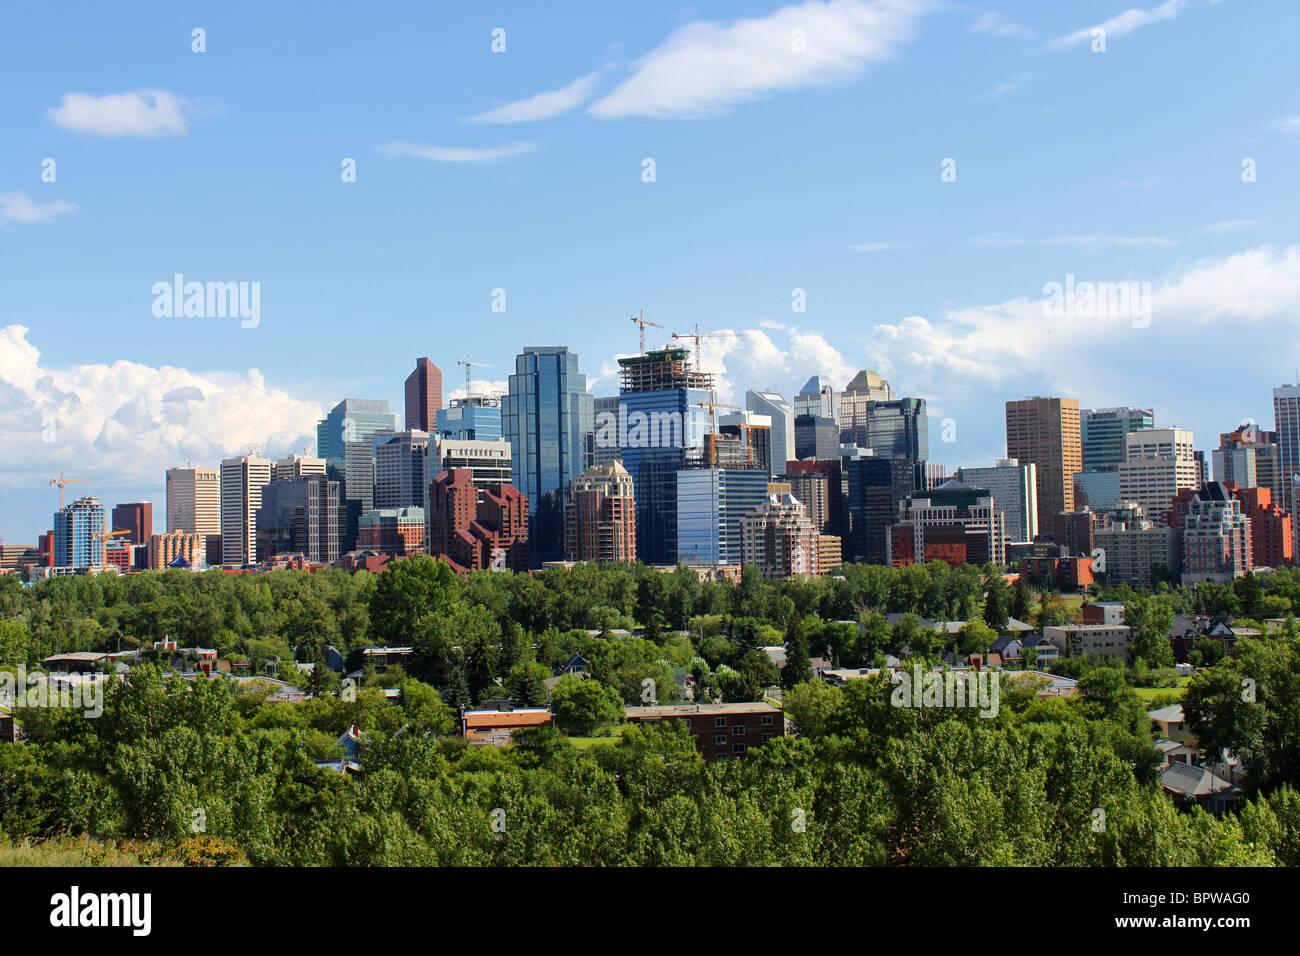 Vista dello Skyline di alto ufficio e edifici di appartamenti a Calgary, Alberta, Canada con il verde in primo piano Immagini Stock